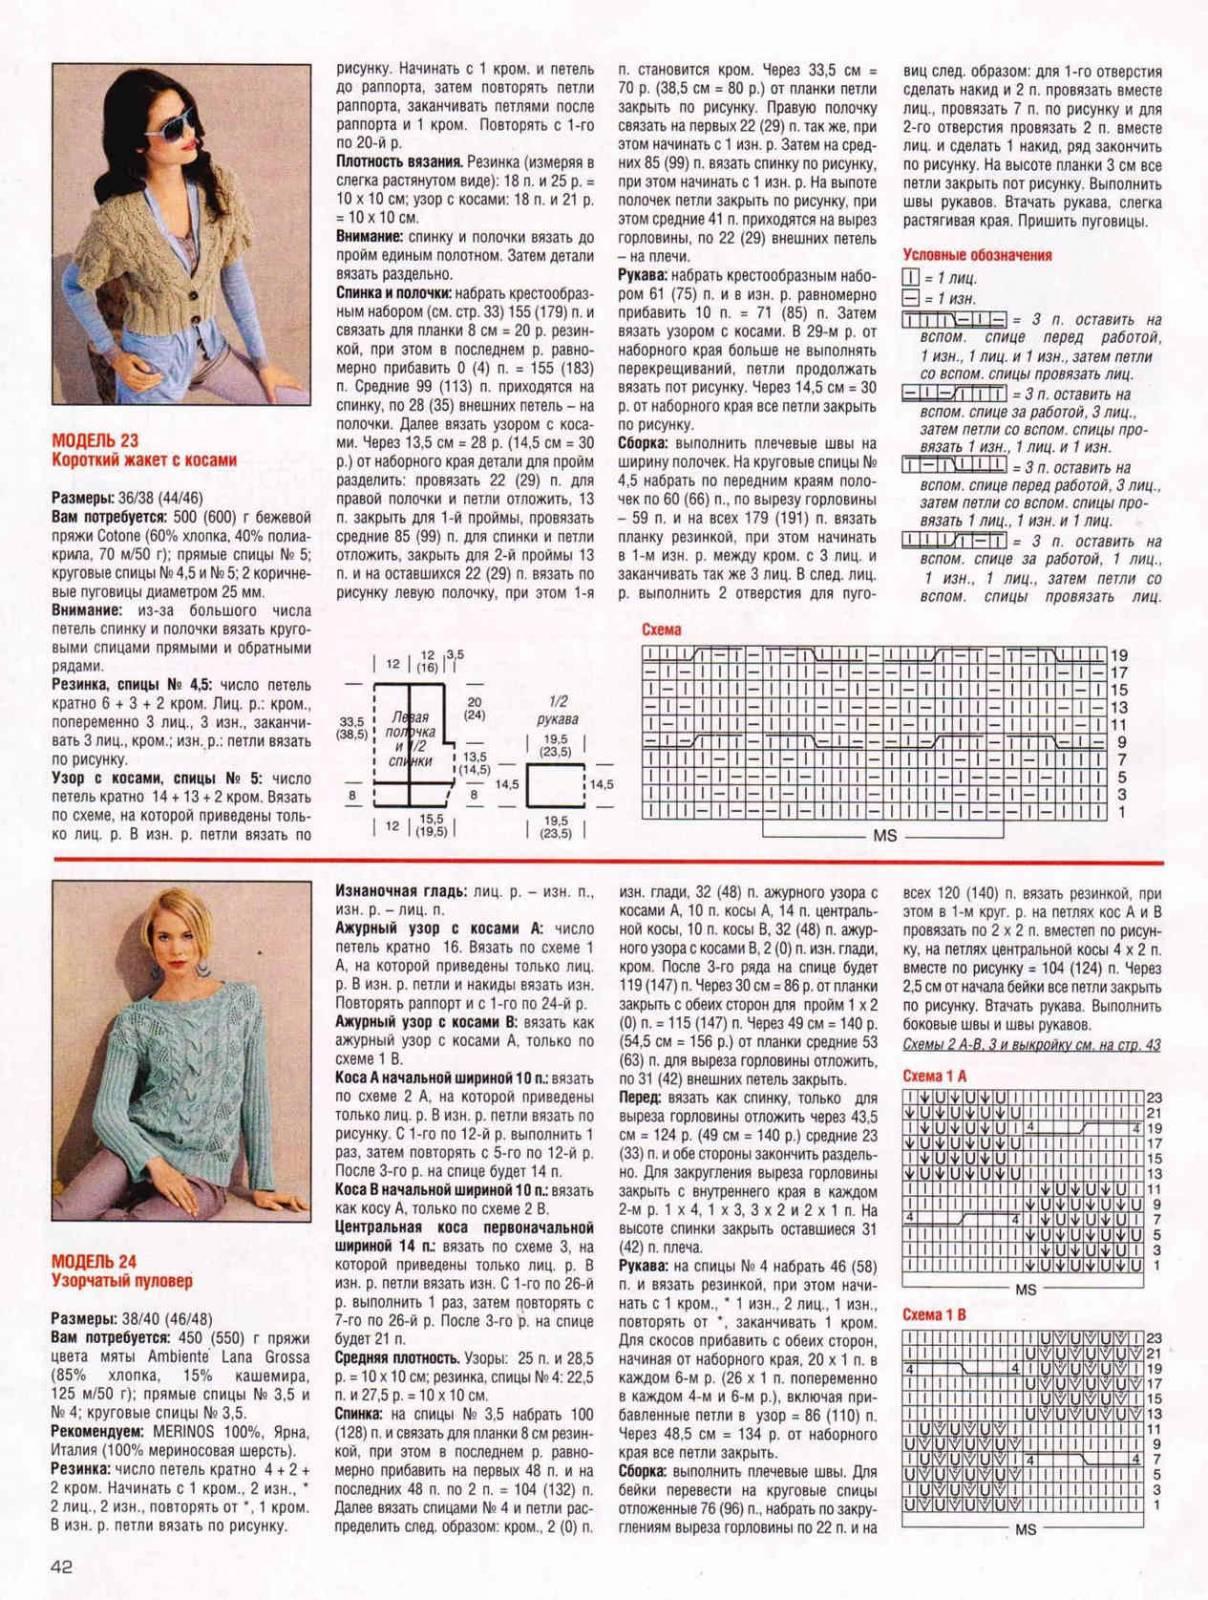 Журнал Сабрина - Описание вязания, схемы вязания 82